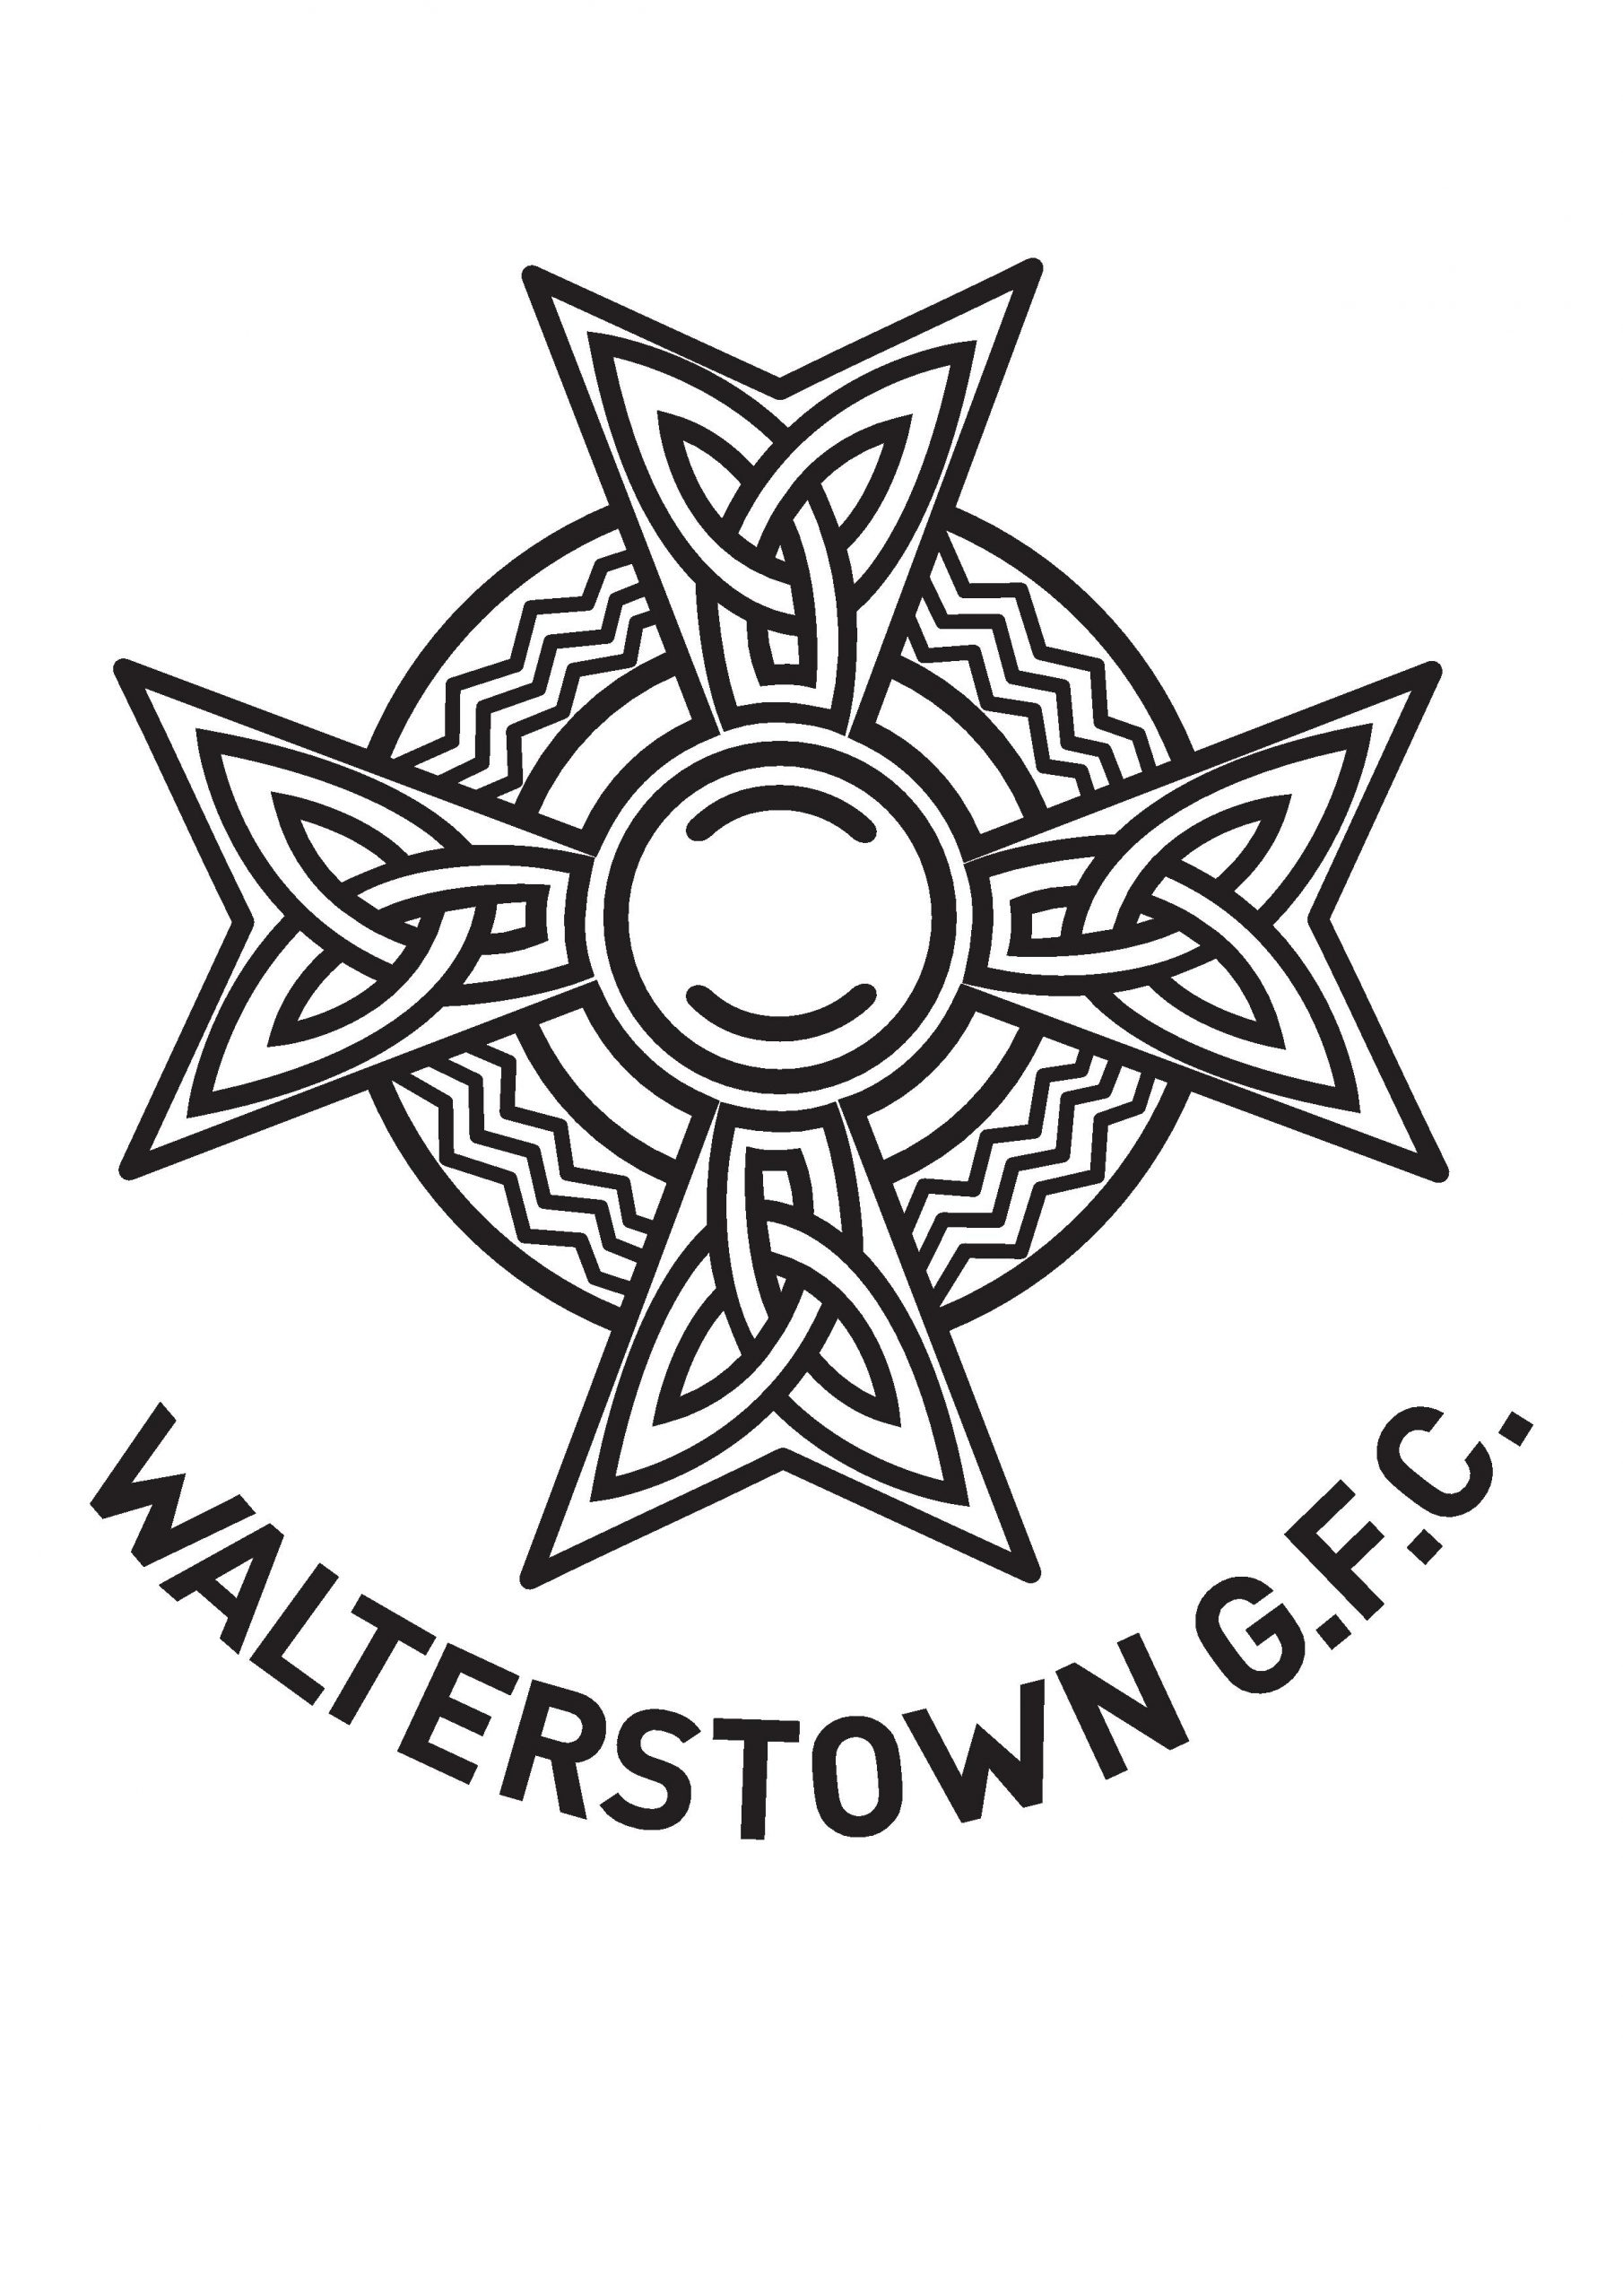 Walterstown